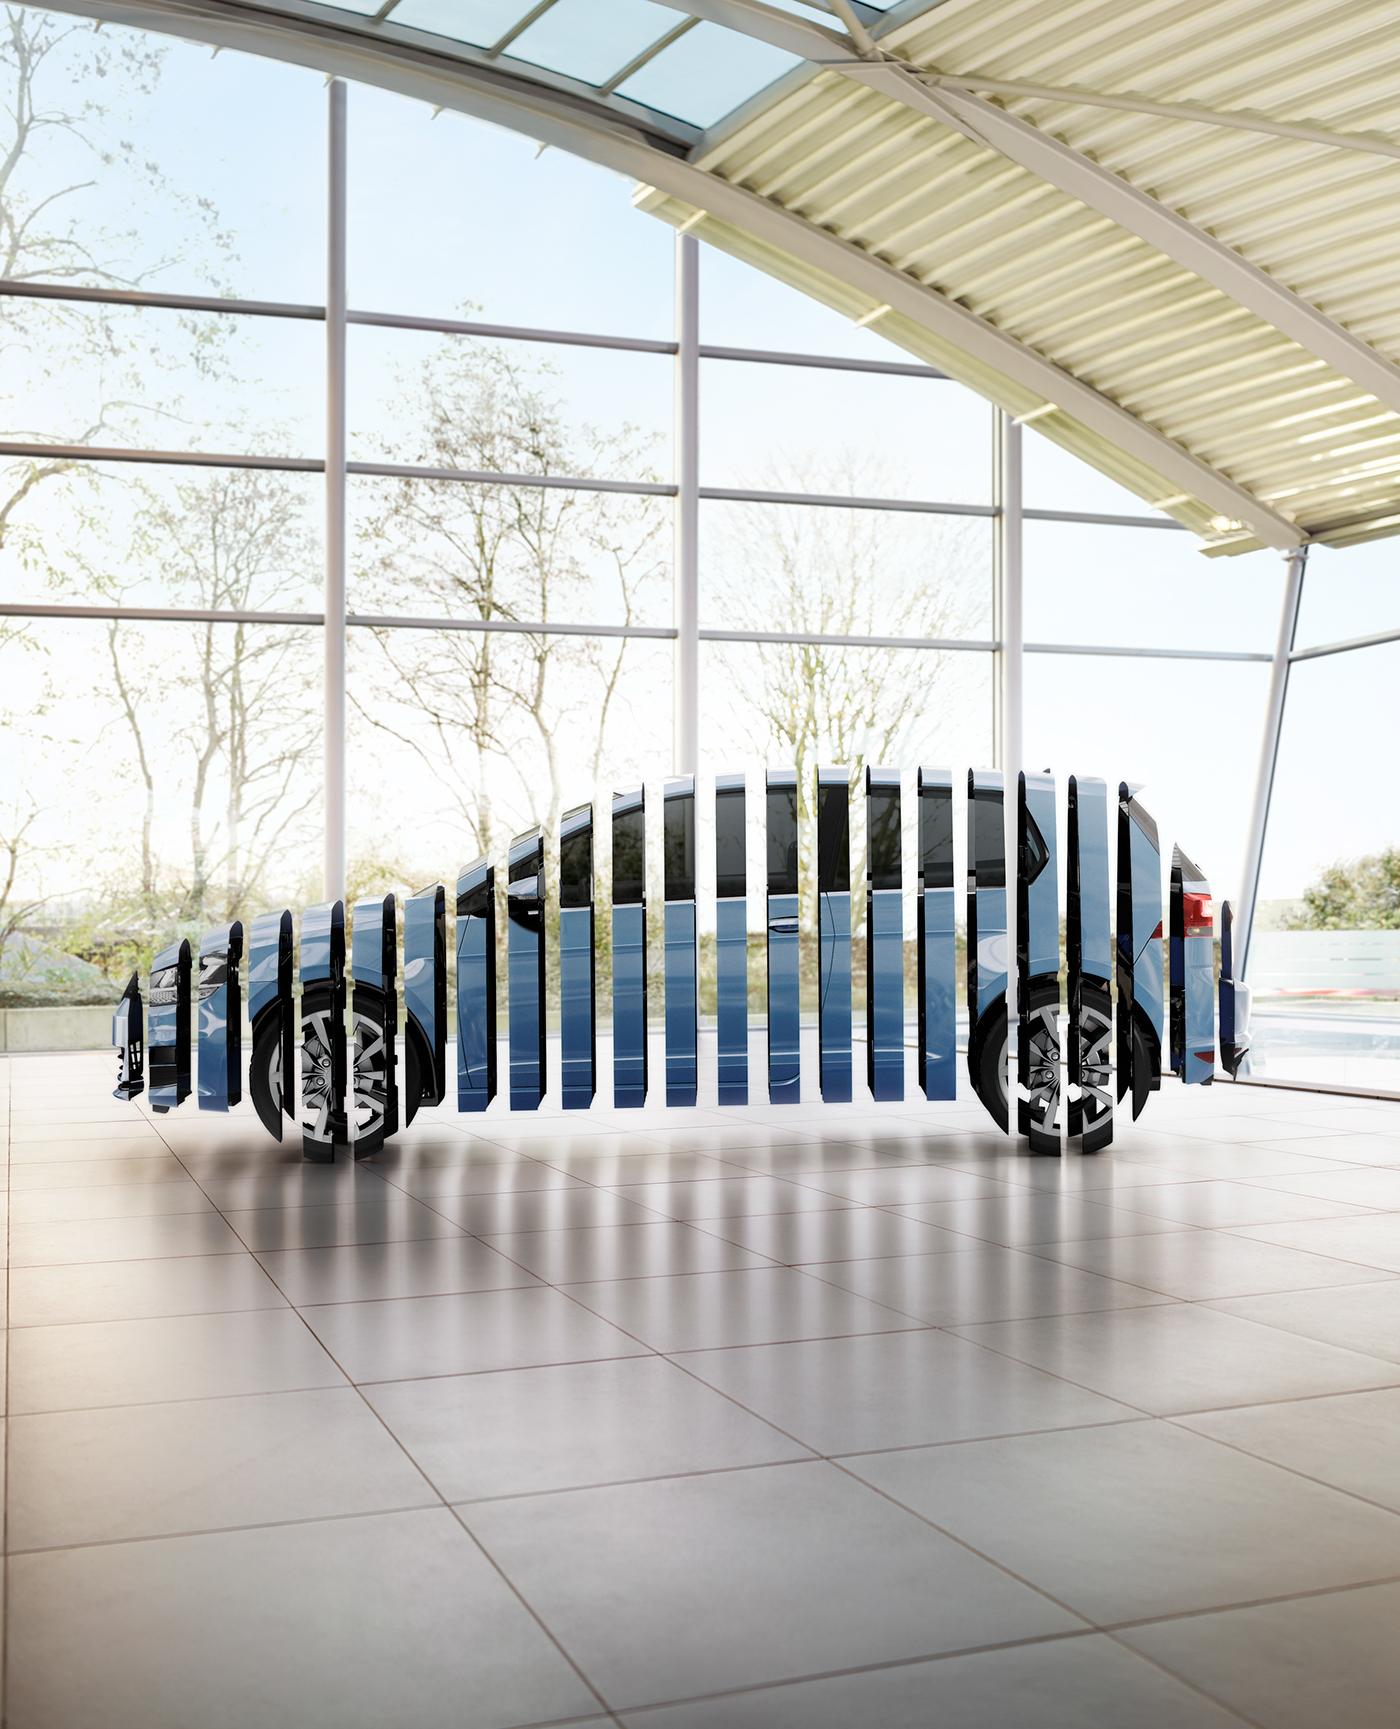 Ing car loan simulation dating 1